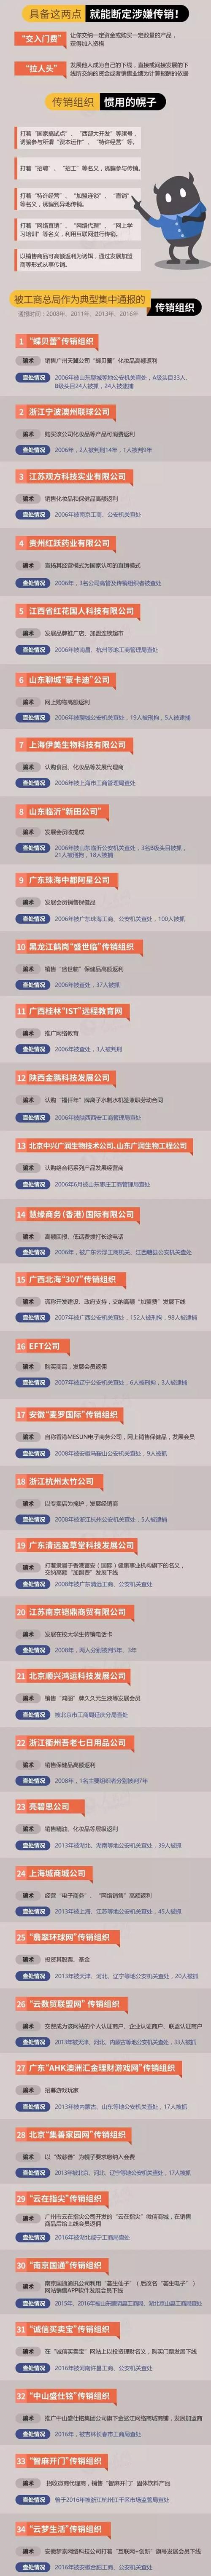 """临淄人注意拉 34个传销组织""""黑名单""""曝光"""